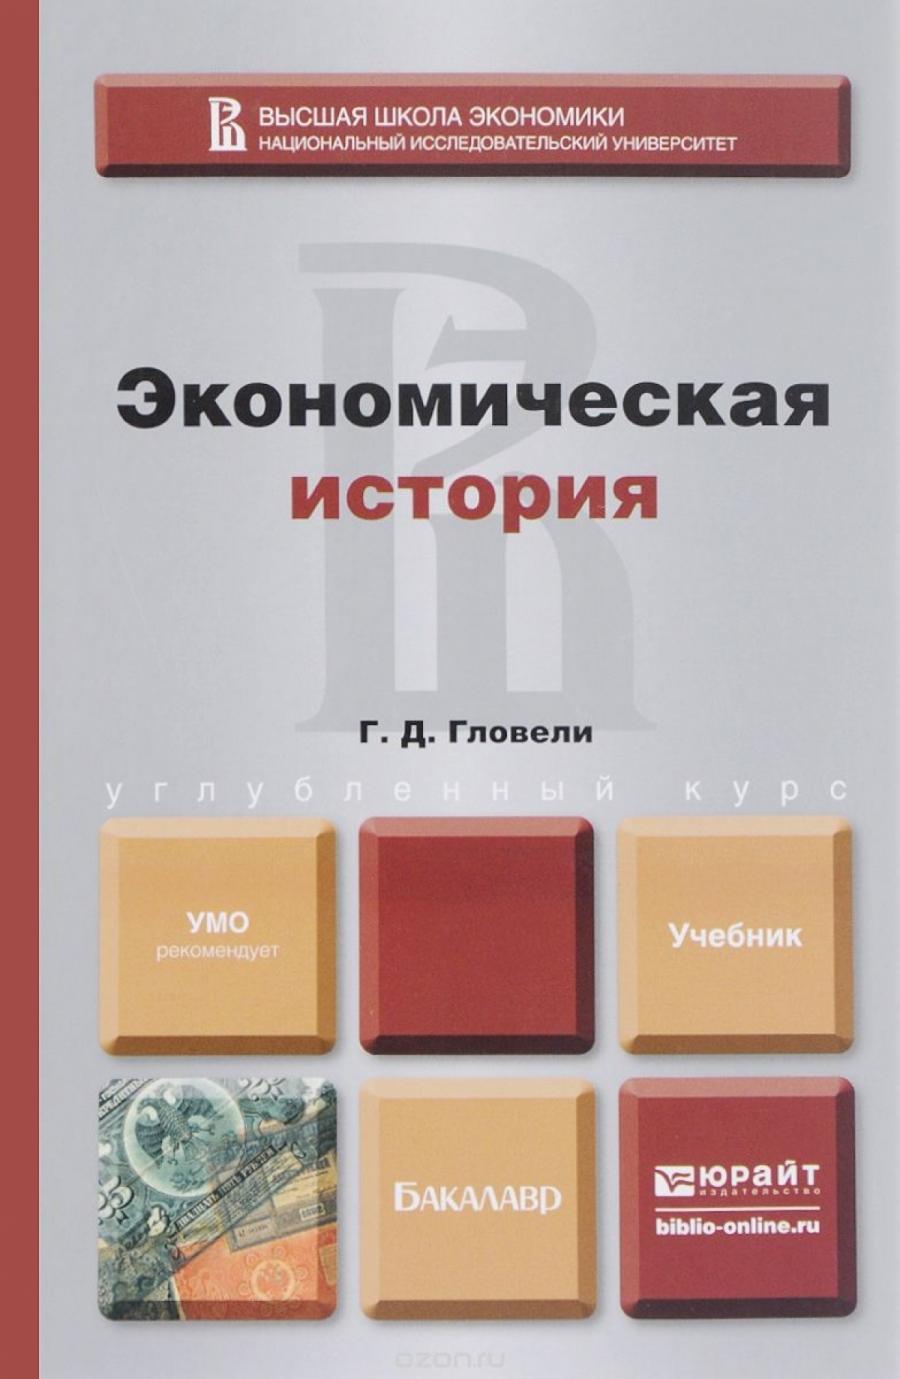 Обложка книги:  гловели г.д. - экономическая история